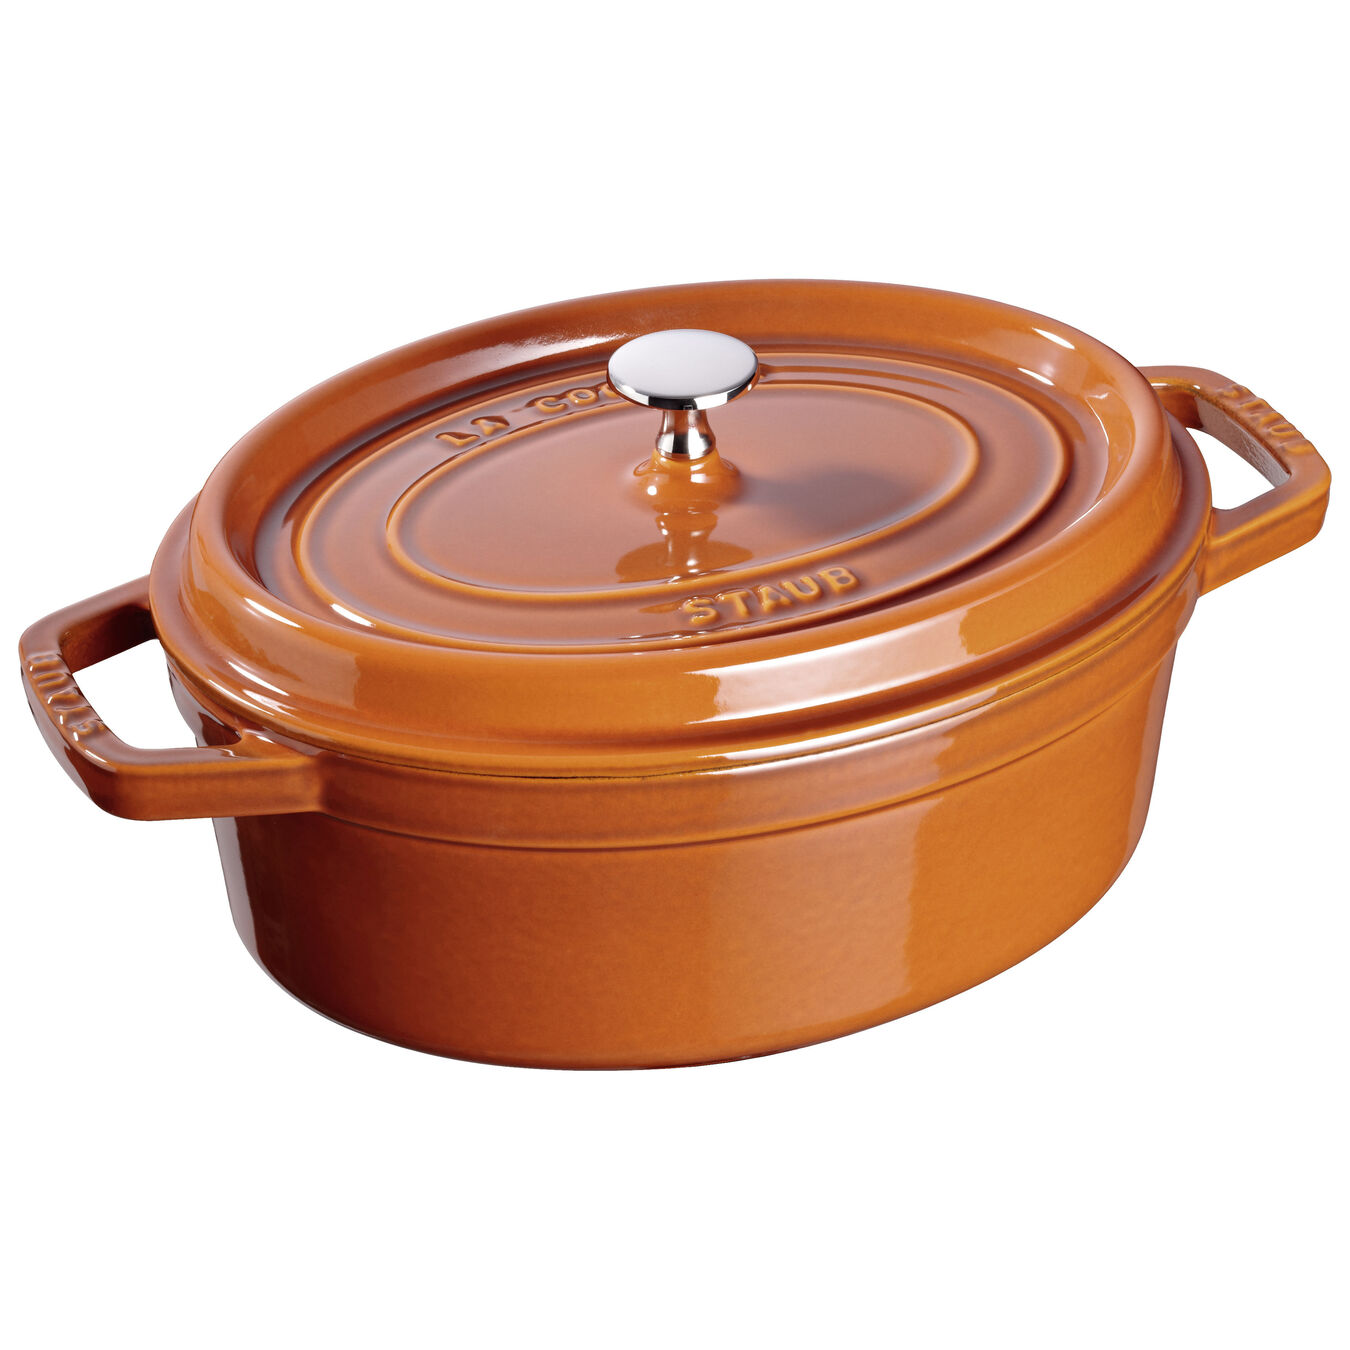 5.5 l Cast iron oval Cocotte, Cinnamon,,large 1